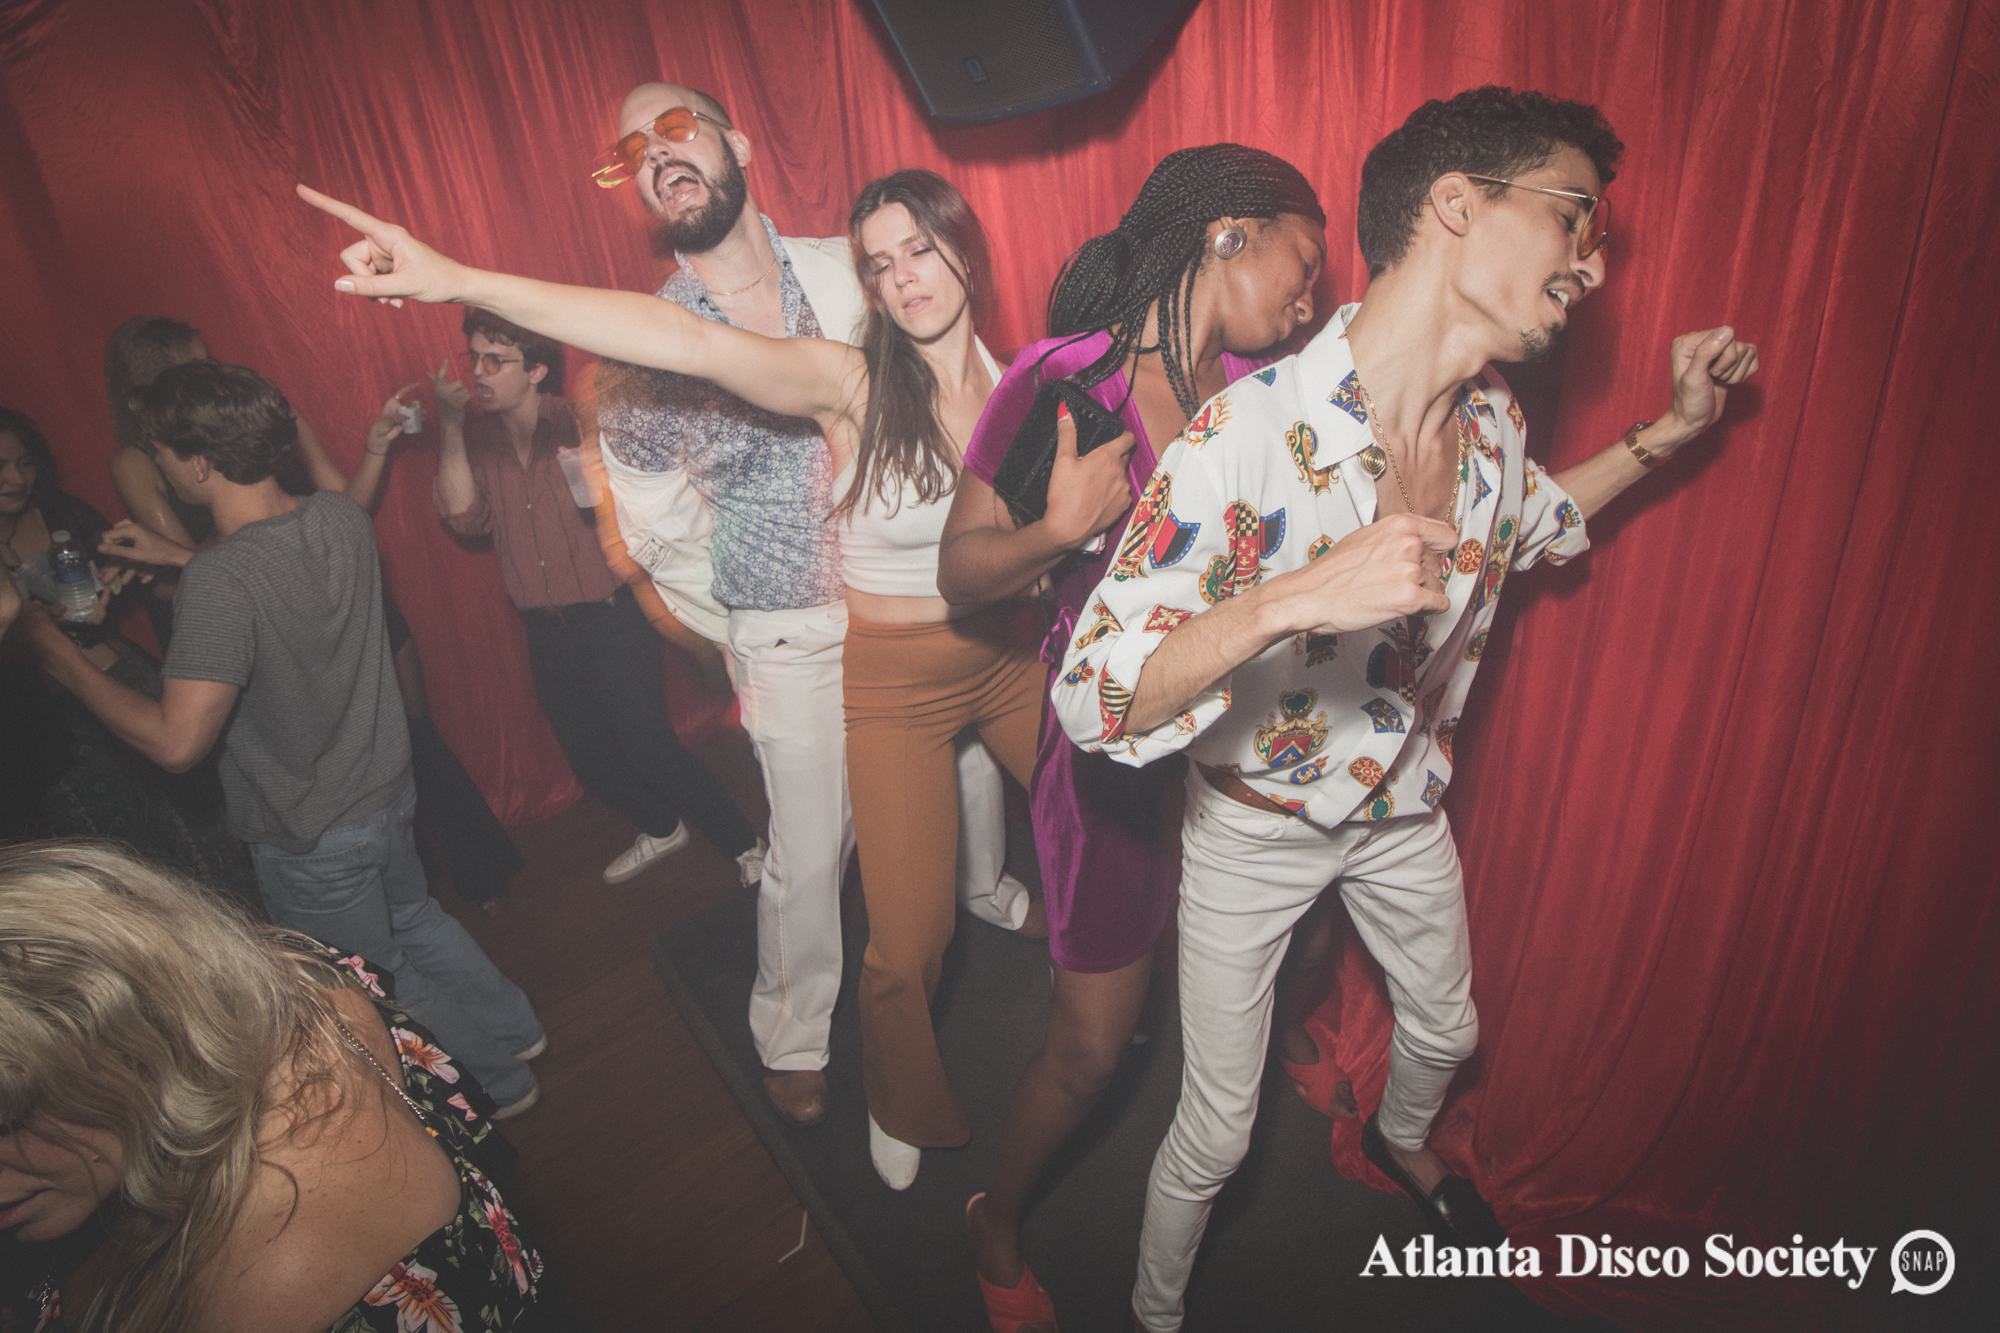 39Atlanta Disco Society Grace Kelly Oh Snap Kid 7.27.19.jpg